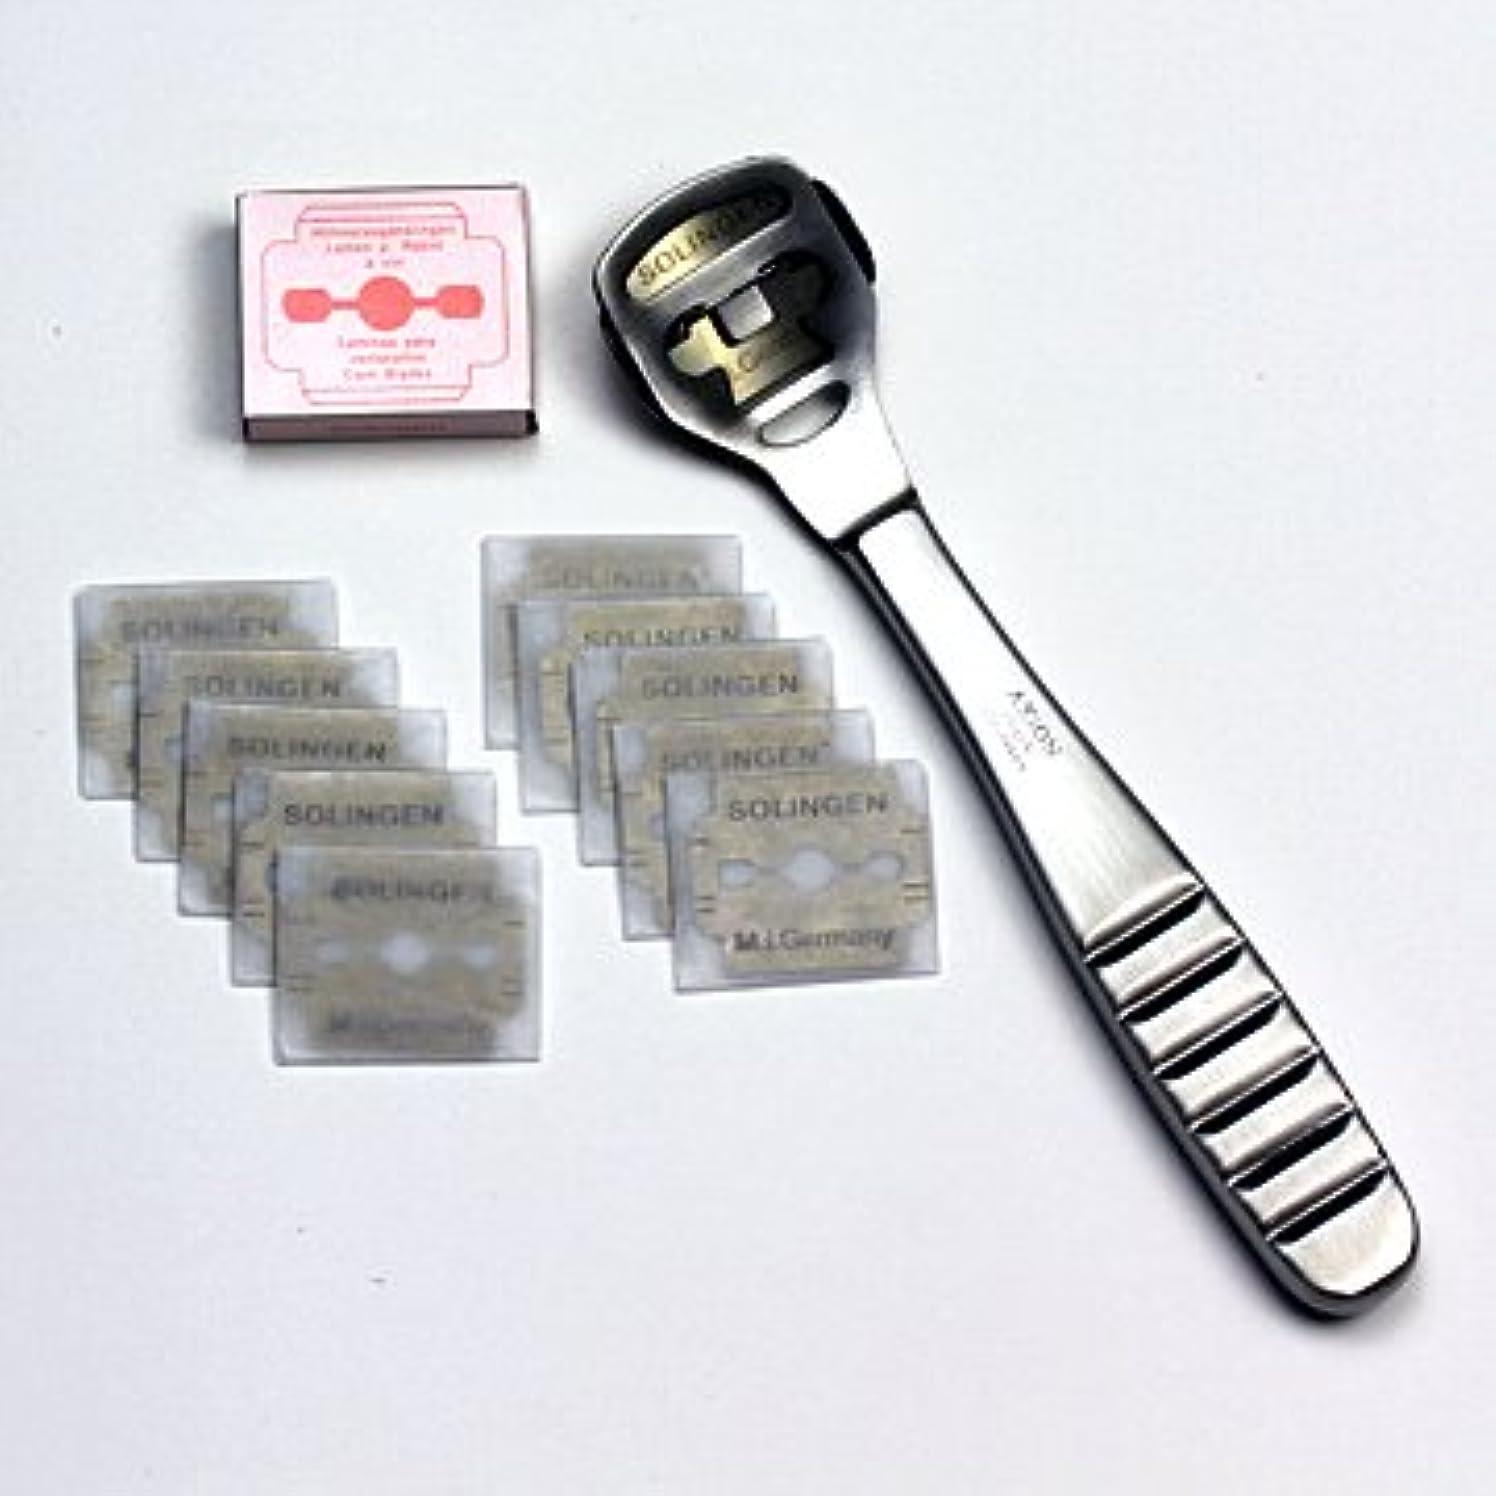 終了しました欠陥鉄ドイツ?ゾーリンゲン AXiON(アクシオン)ステンレス製かかと削り器(ゾーリンゲン製替刃11枚付)#slg008964fba